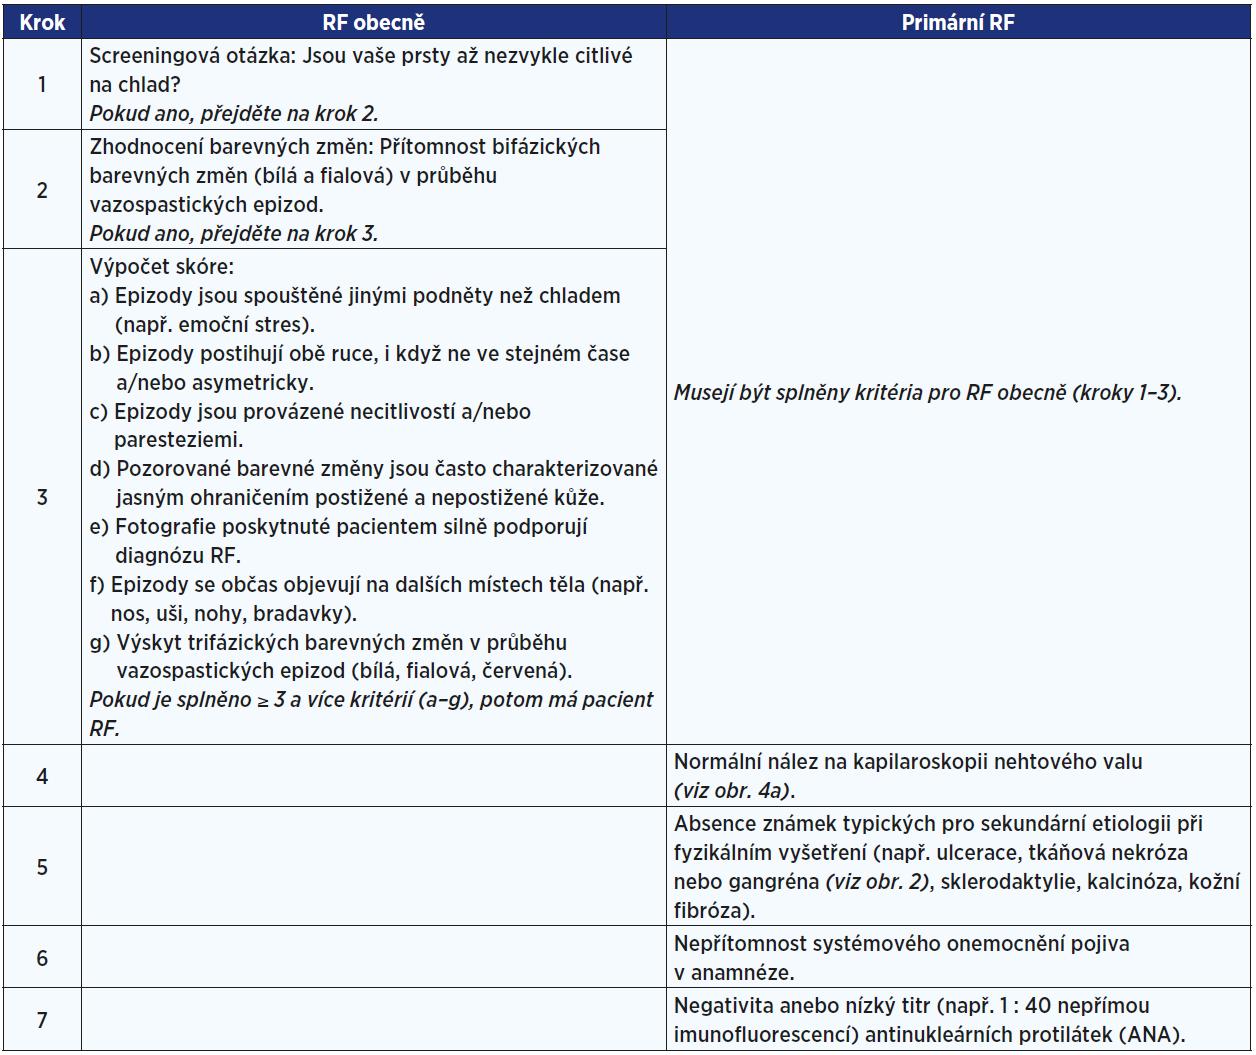 Diagnostická kritéria pro RF obecně a pro primární RF <em>(dle: Maverakis et al., 2014 [9])</em>